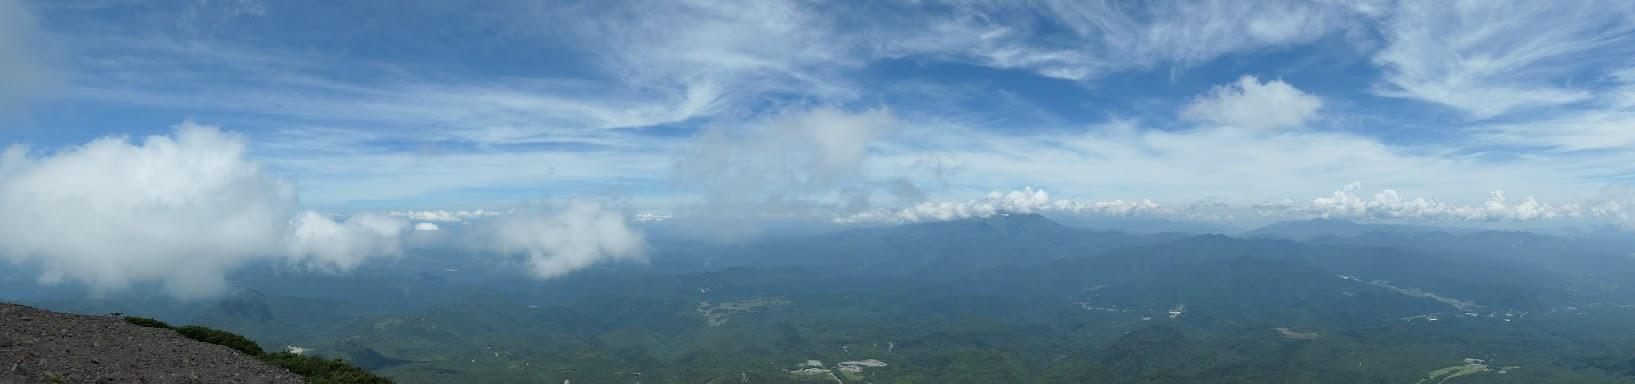 継子岳からパノラマ